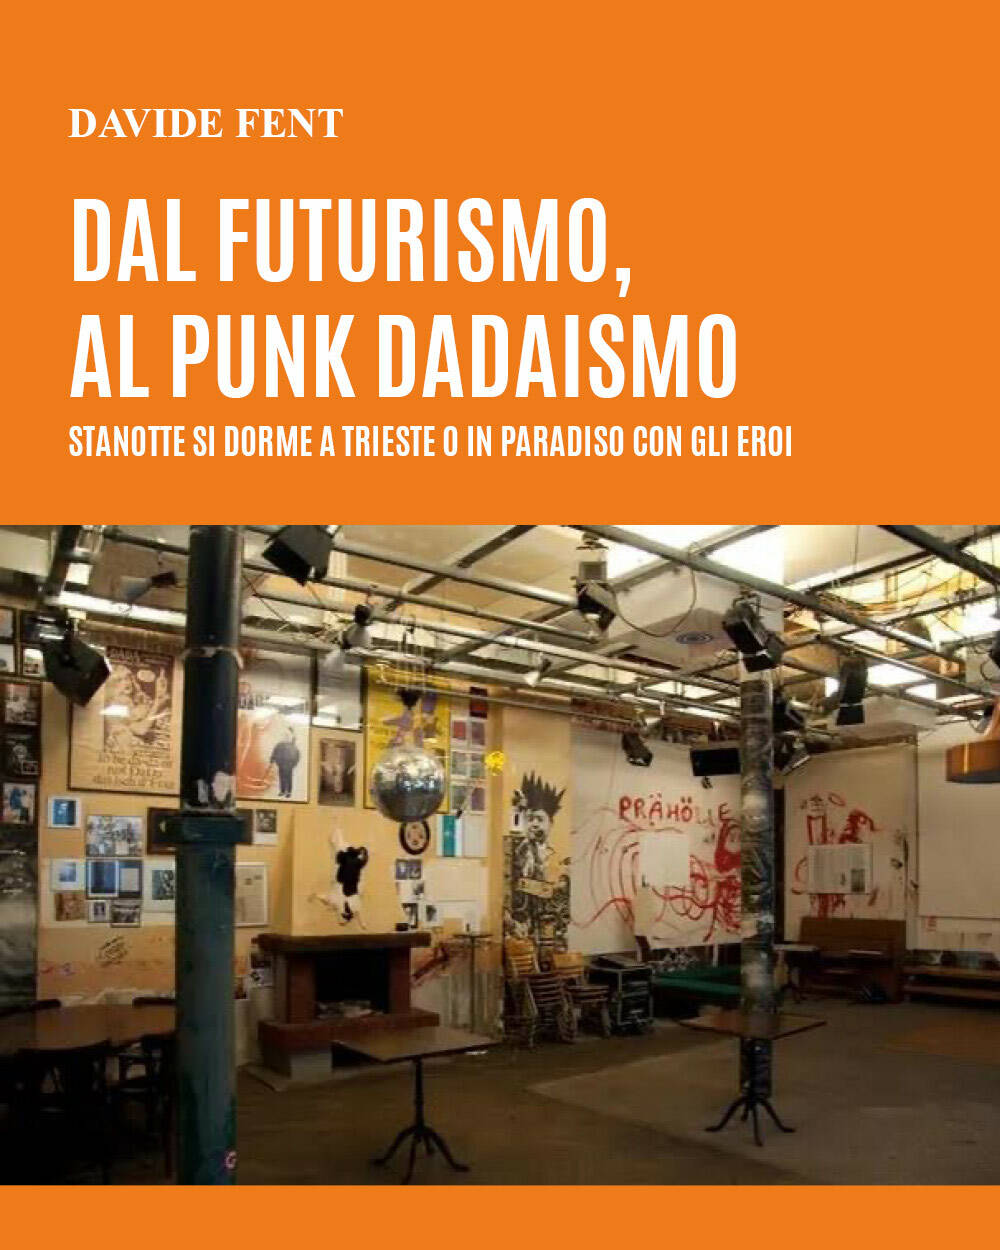 Davide Fent nuovo libro futurismo